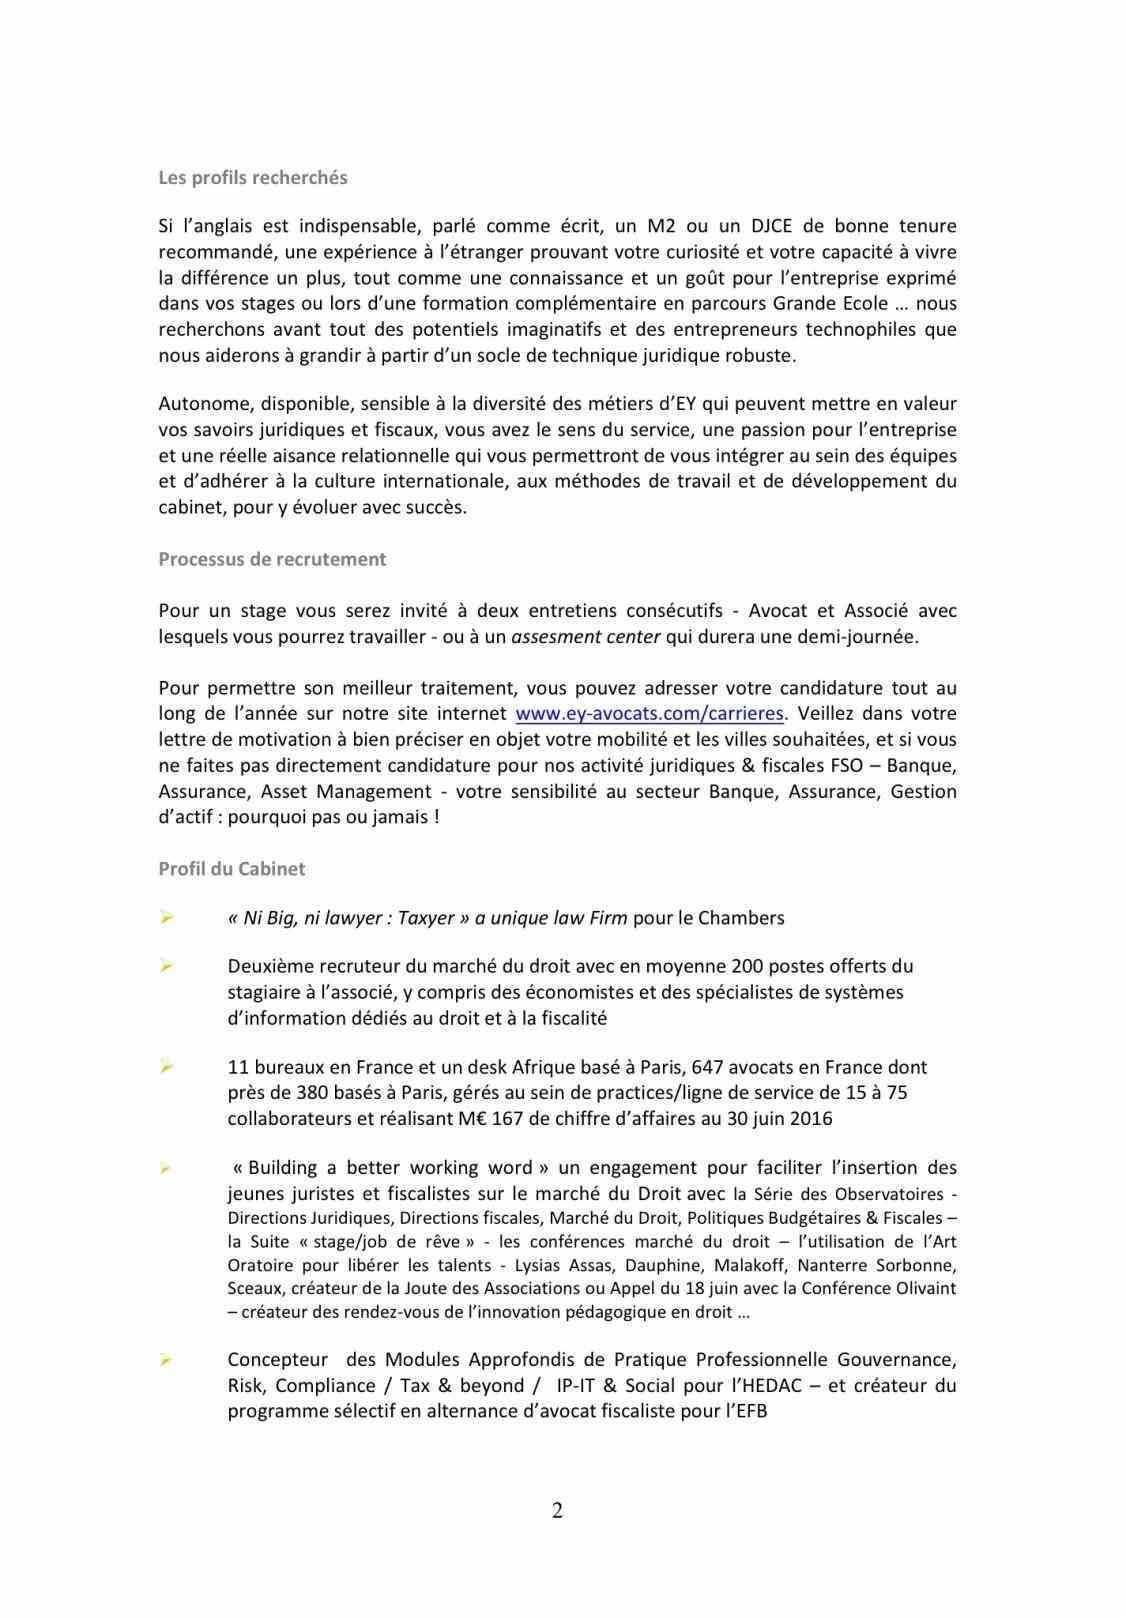 lettre de motivation conseiller commercial assurance